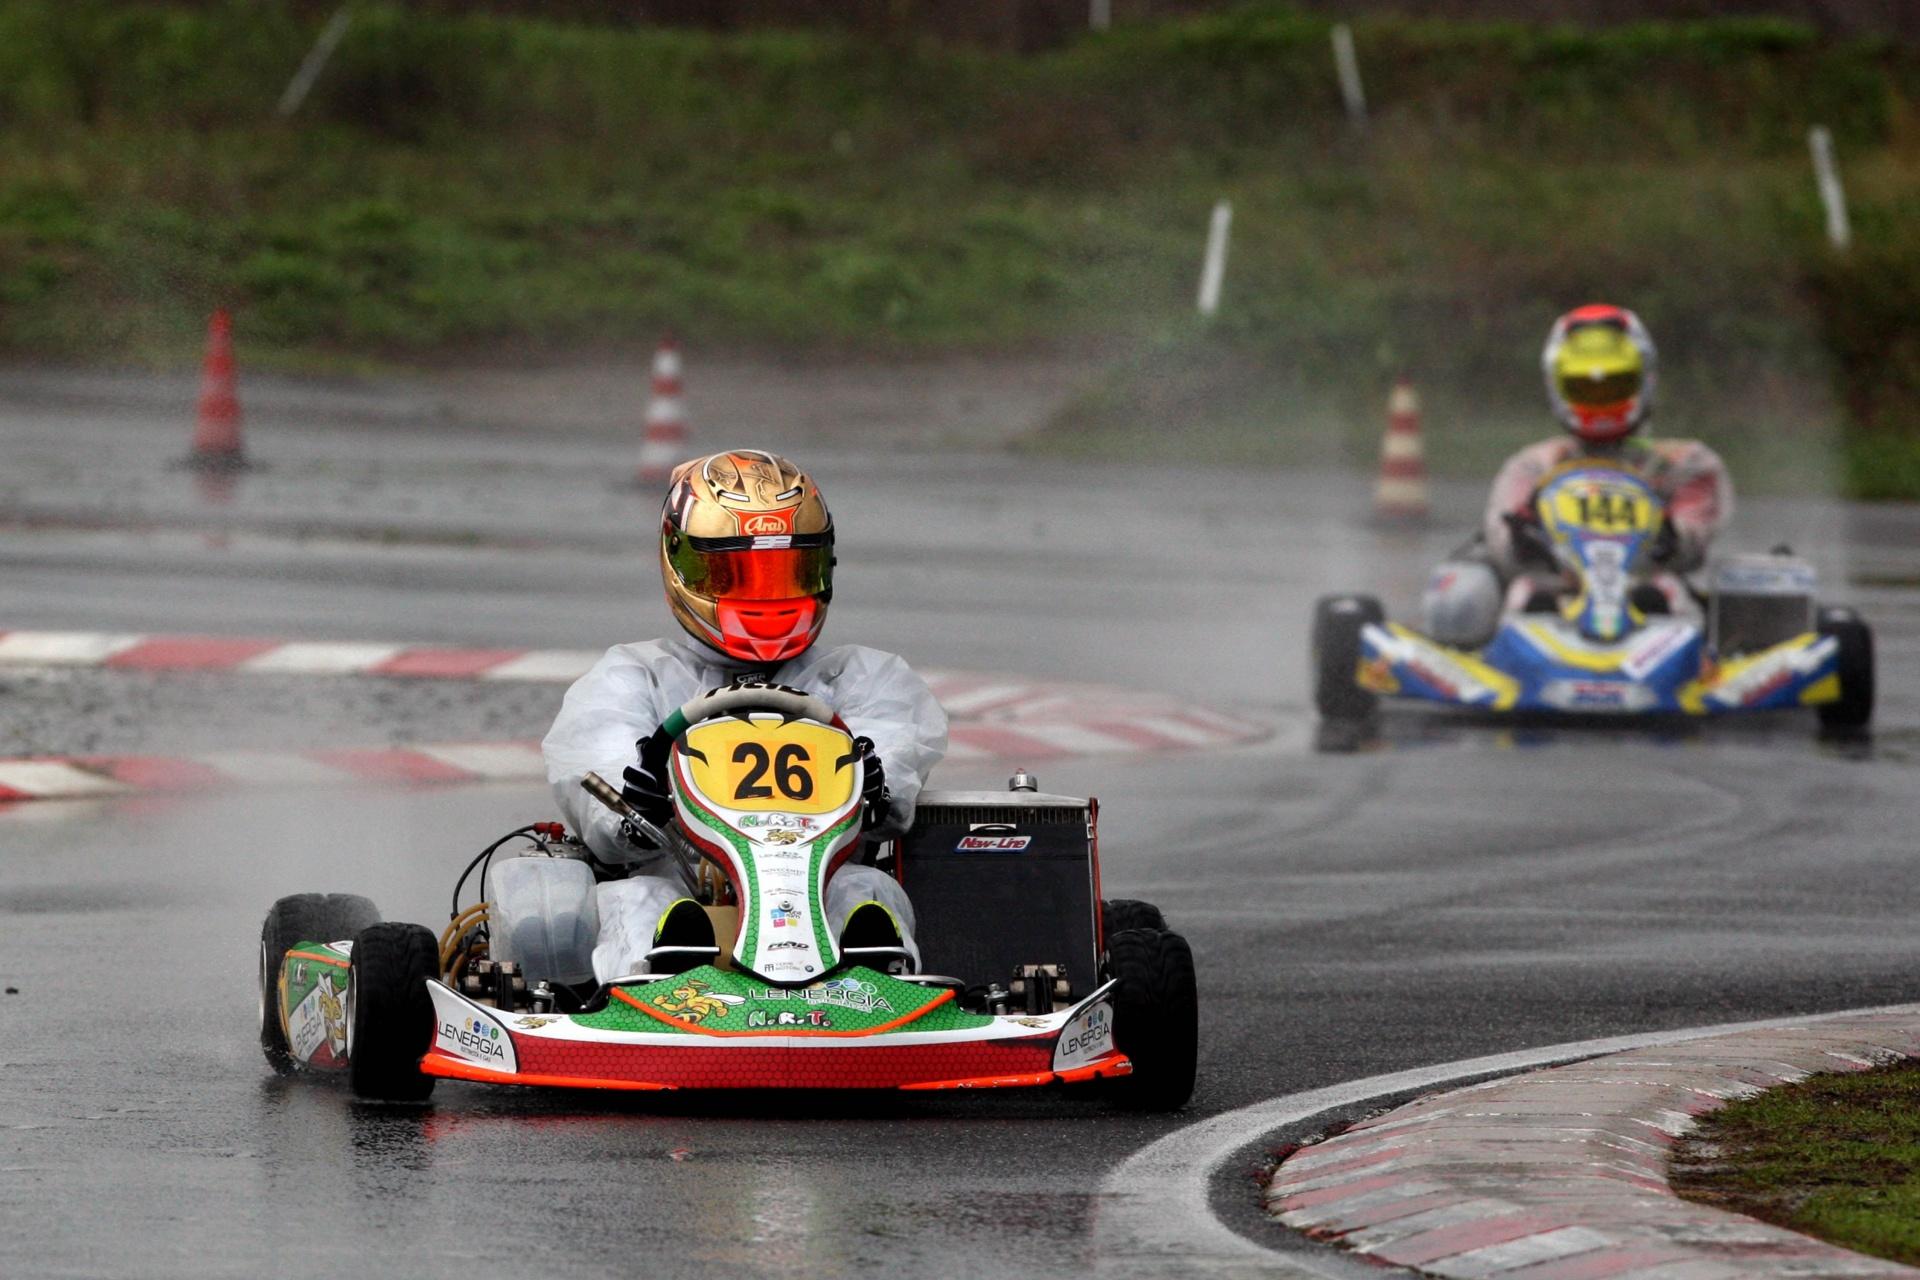 Progetto di rilancio dell'attività di base del karting con l'Attività Club.